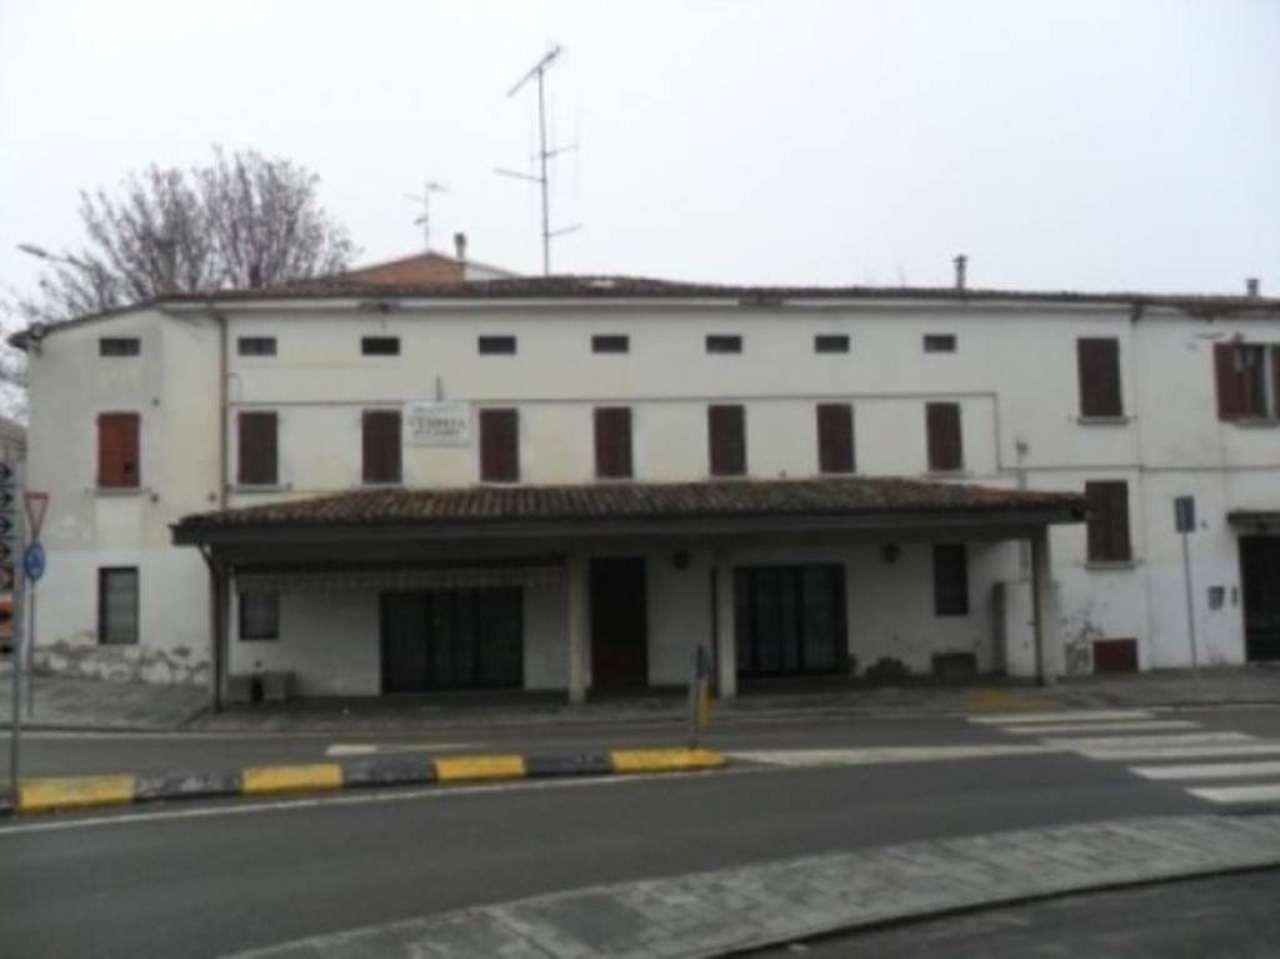 Palazzo / Stabile in vendita a Medesano, 6 locali, prezzo € 159.000 | Cambio Casa.it